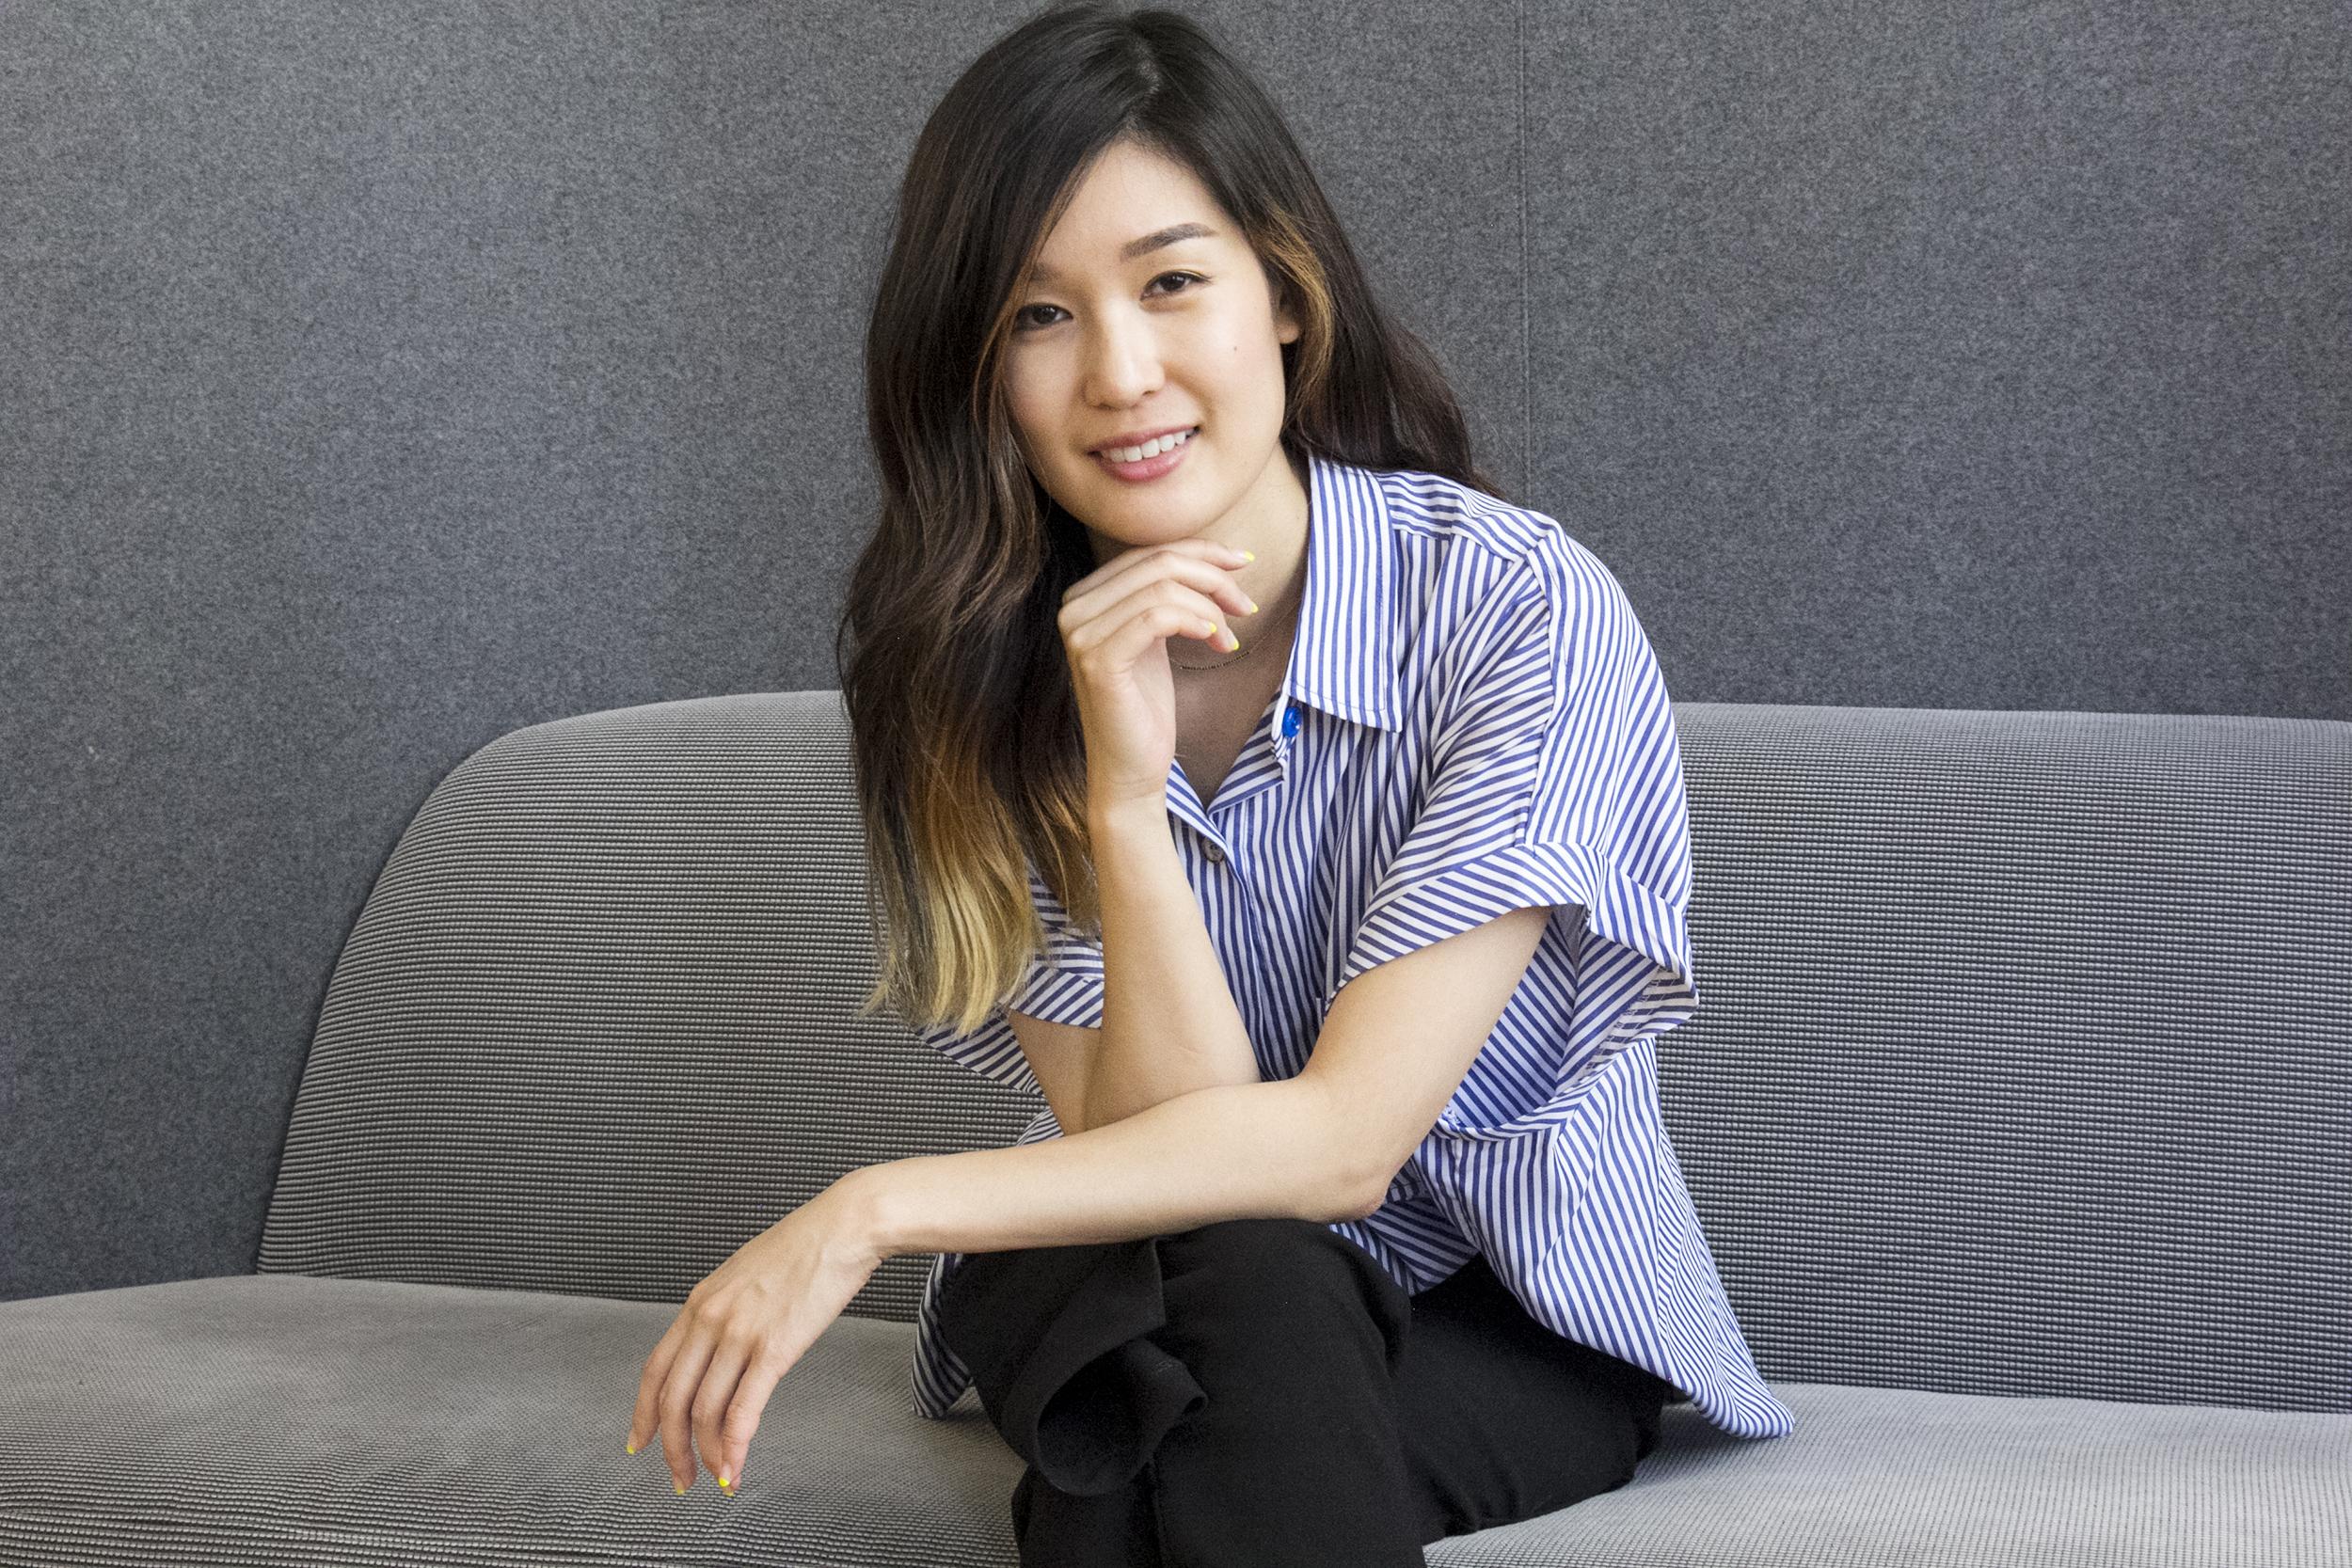 Chuyên gia làm đẹp Hàn Quốc hé lộ skincare chân ái giúp da đẹp mướt căng không cần tiêm botox  - Ảnh 1.